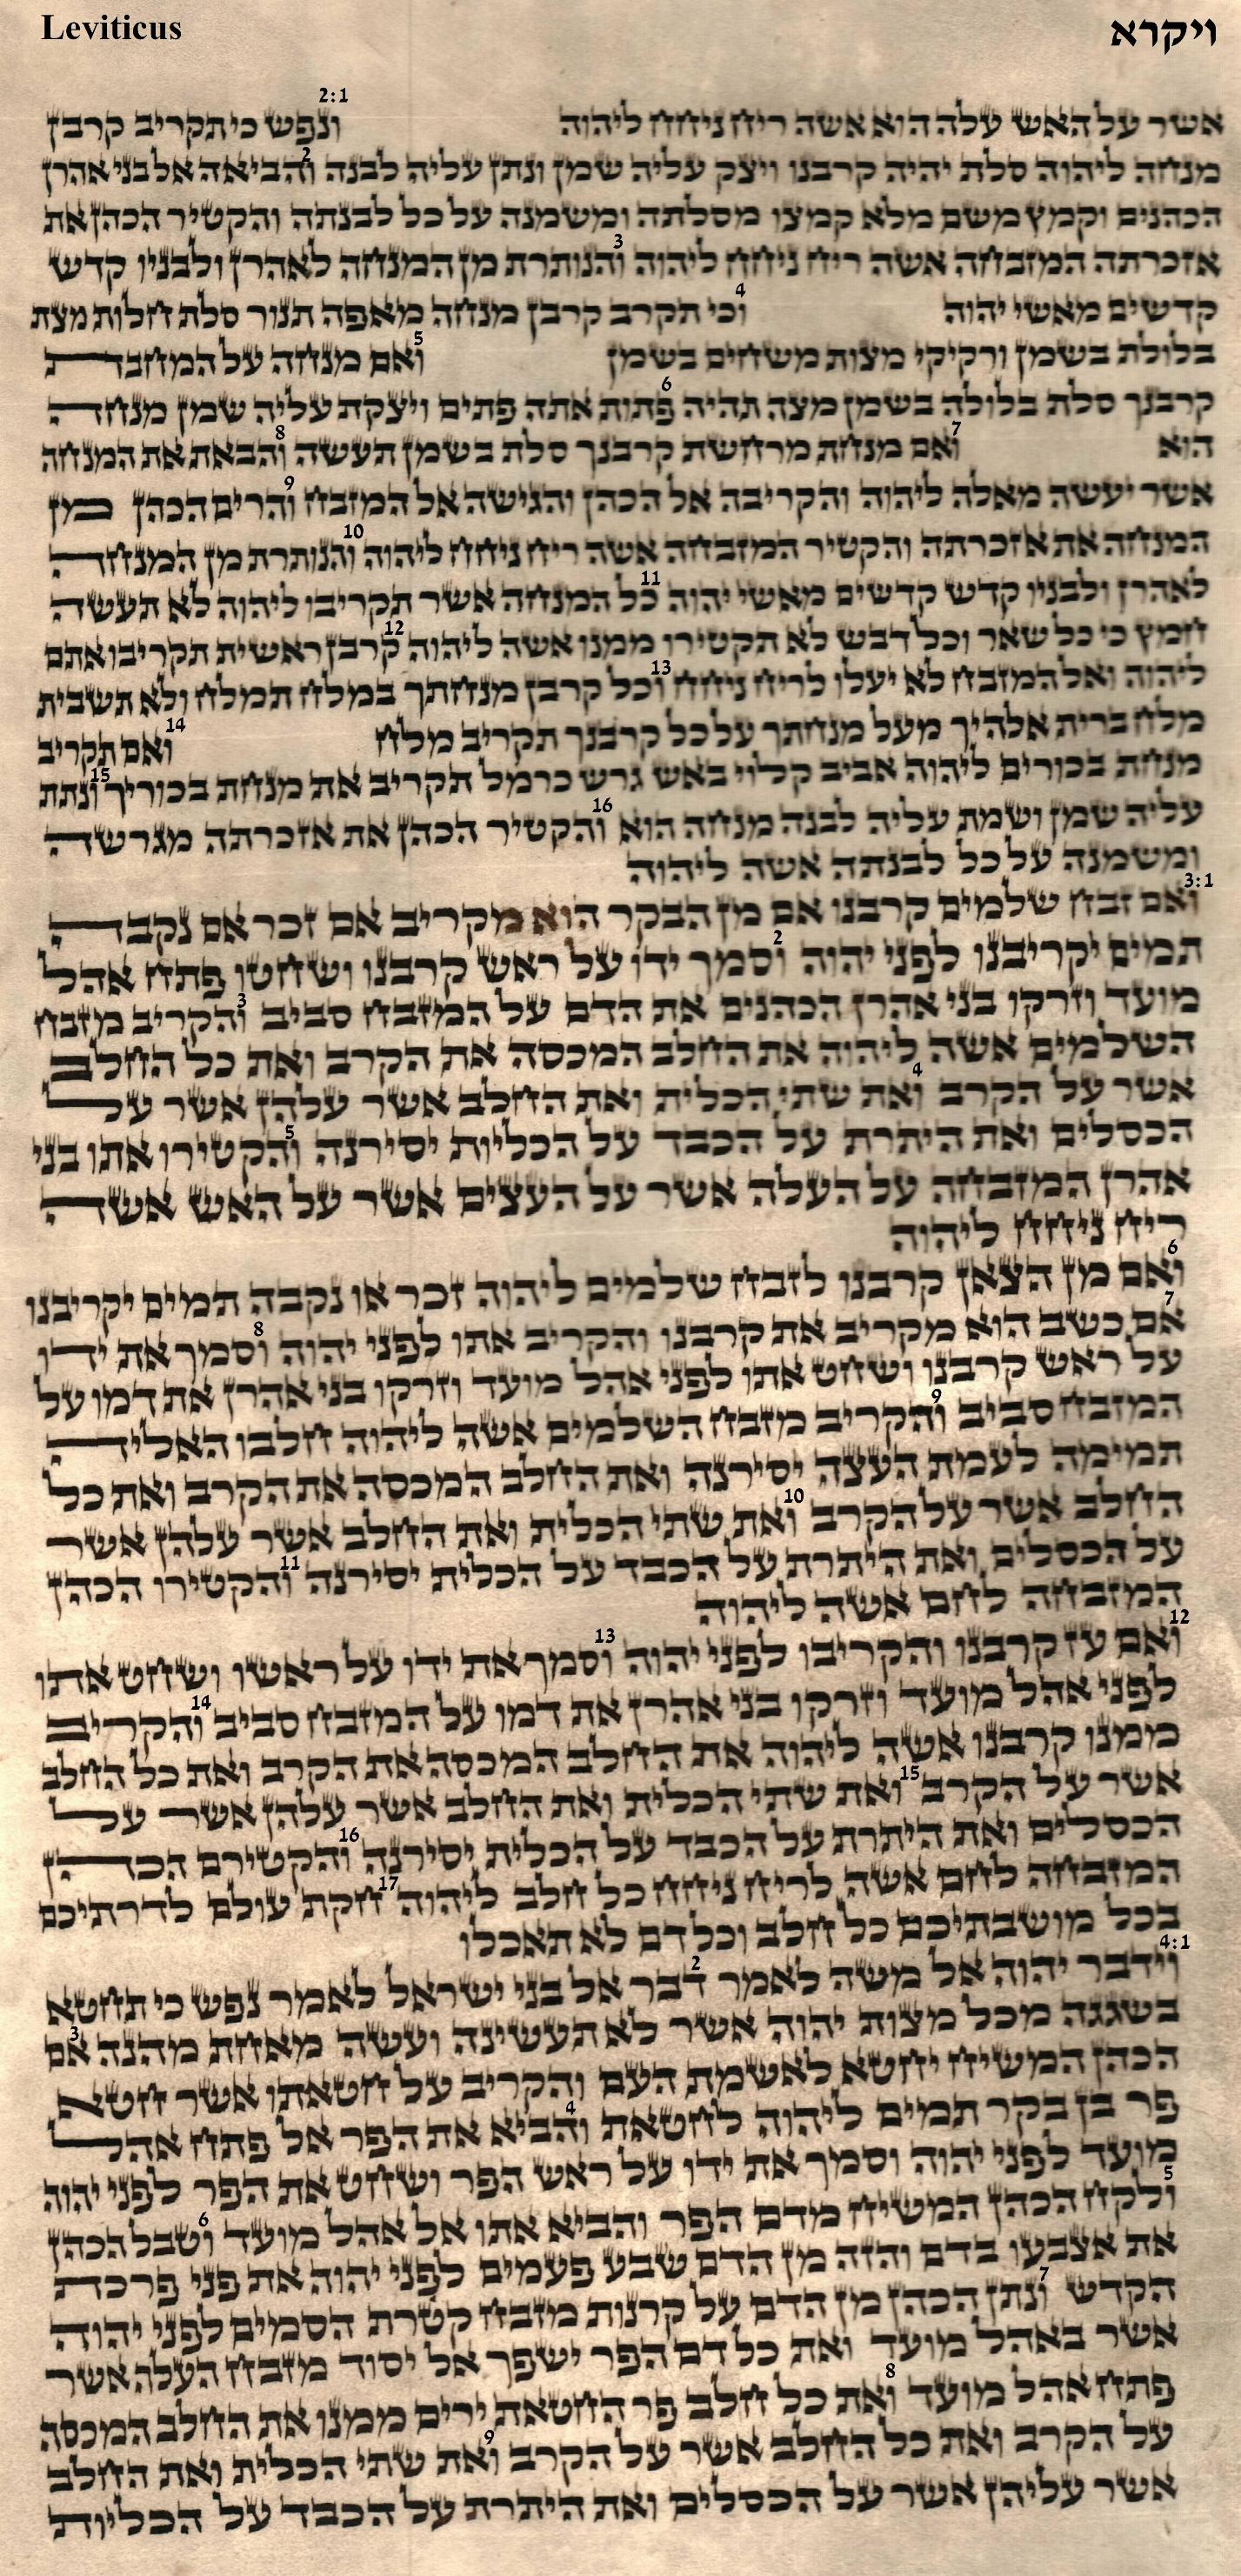 Leviticus 2.1 - 4.9